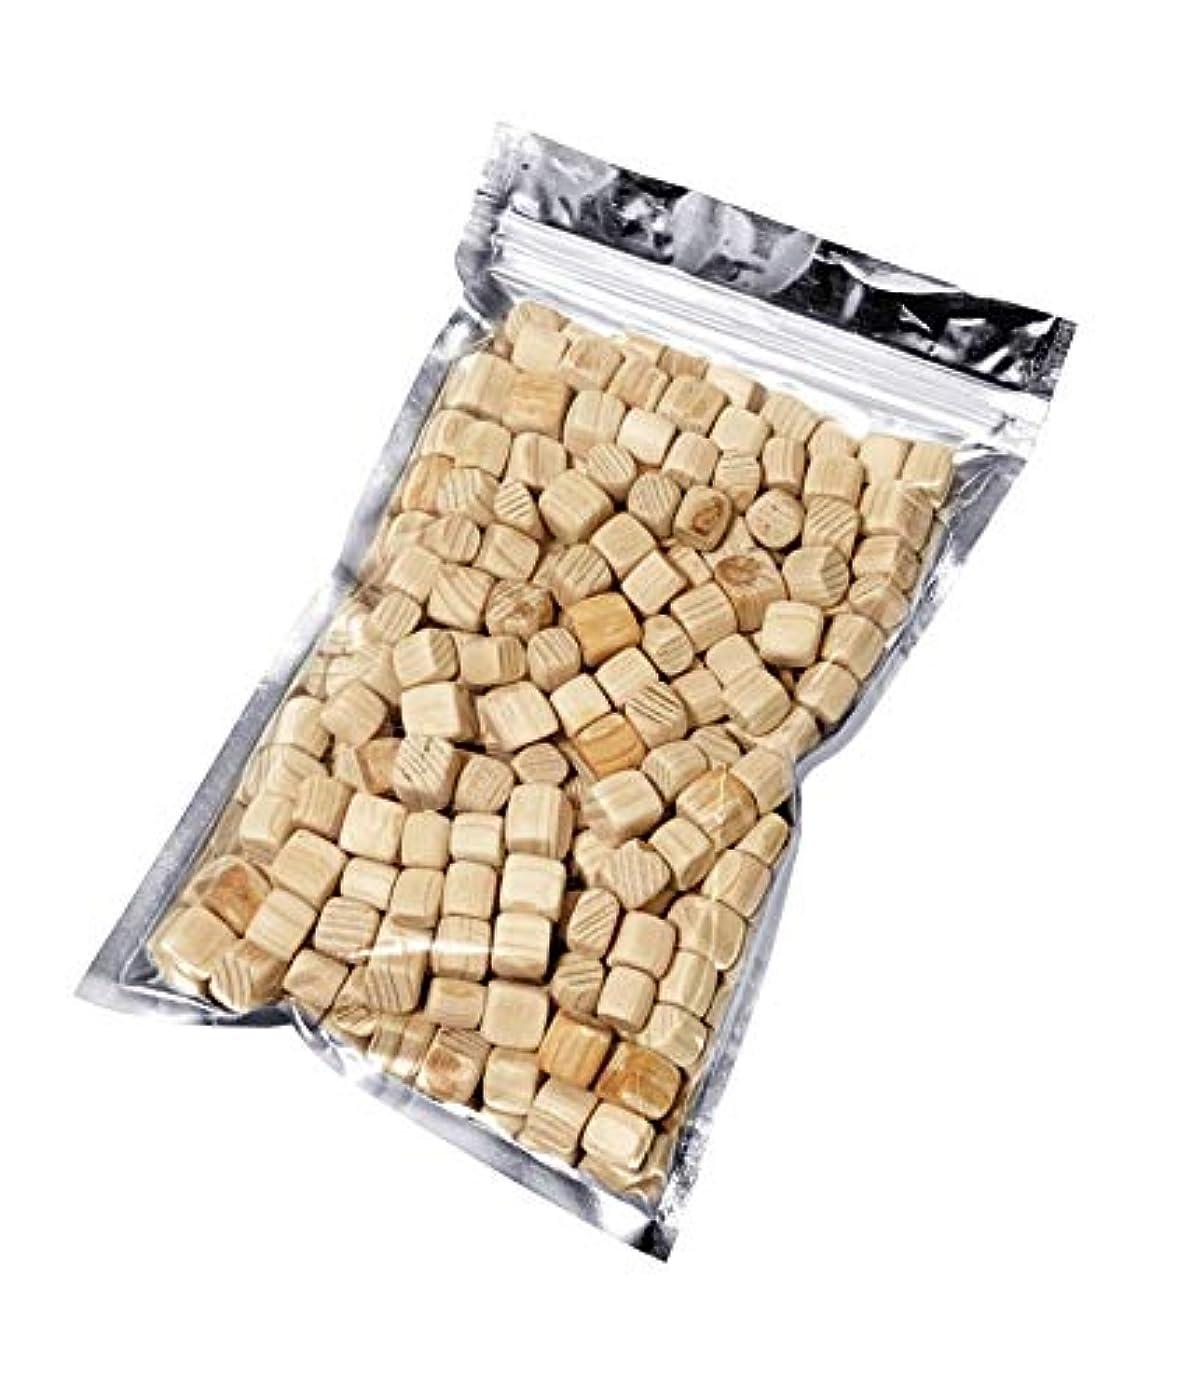 未満降雨普通のkicoriya 国産ヒノキ キューブ状ブロック 90g サシェ用袋付き